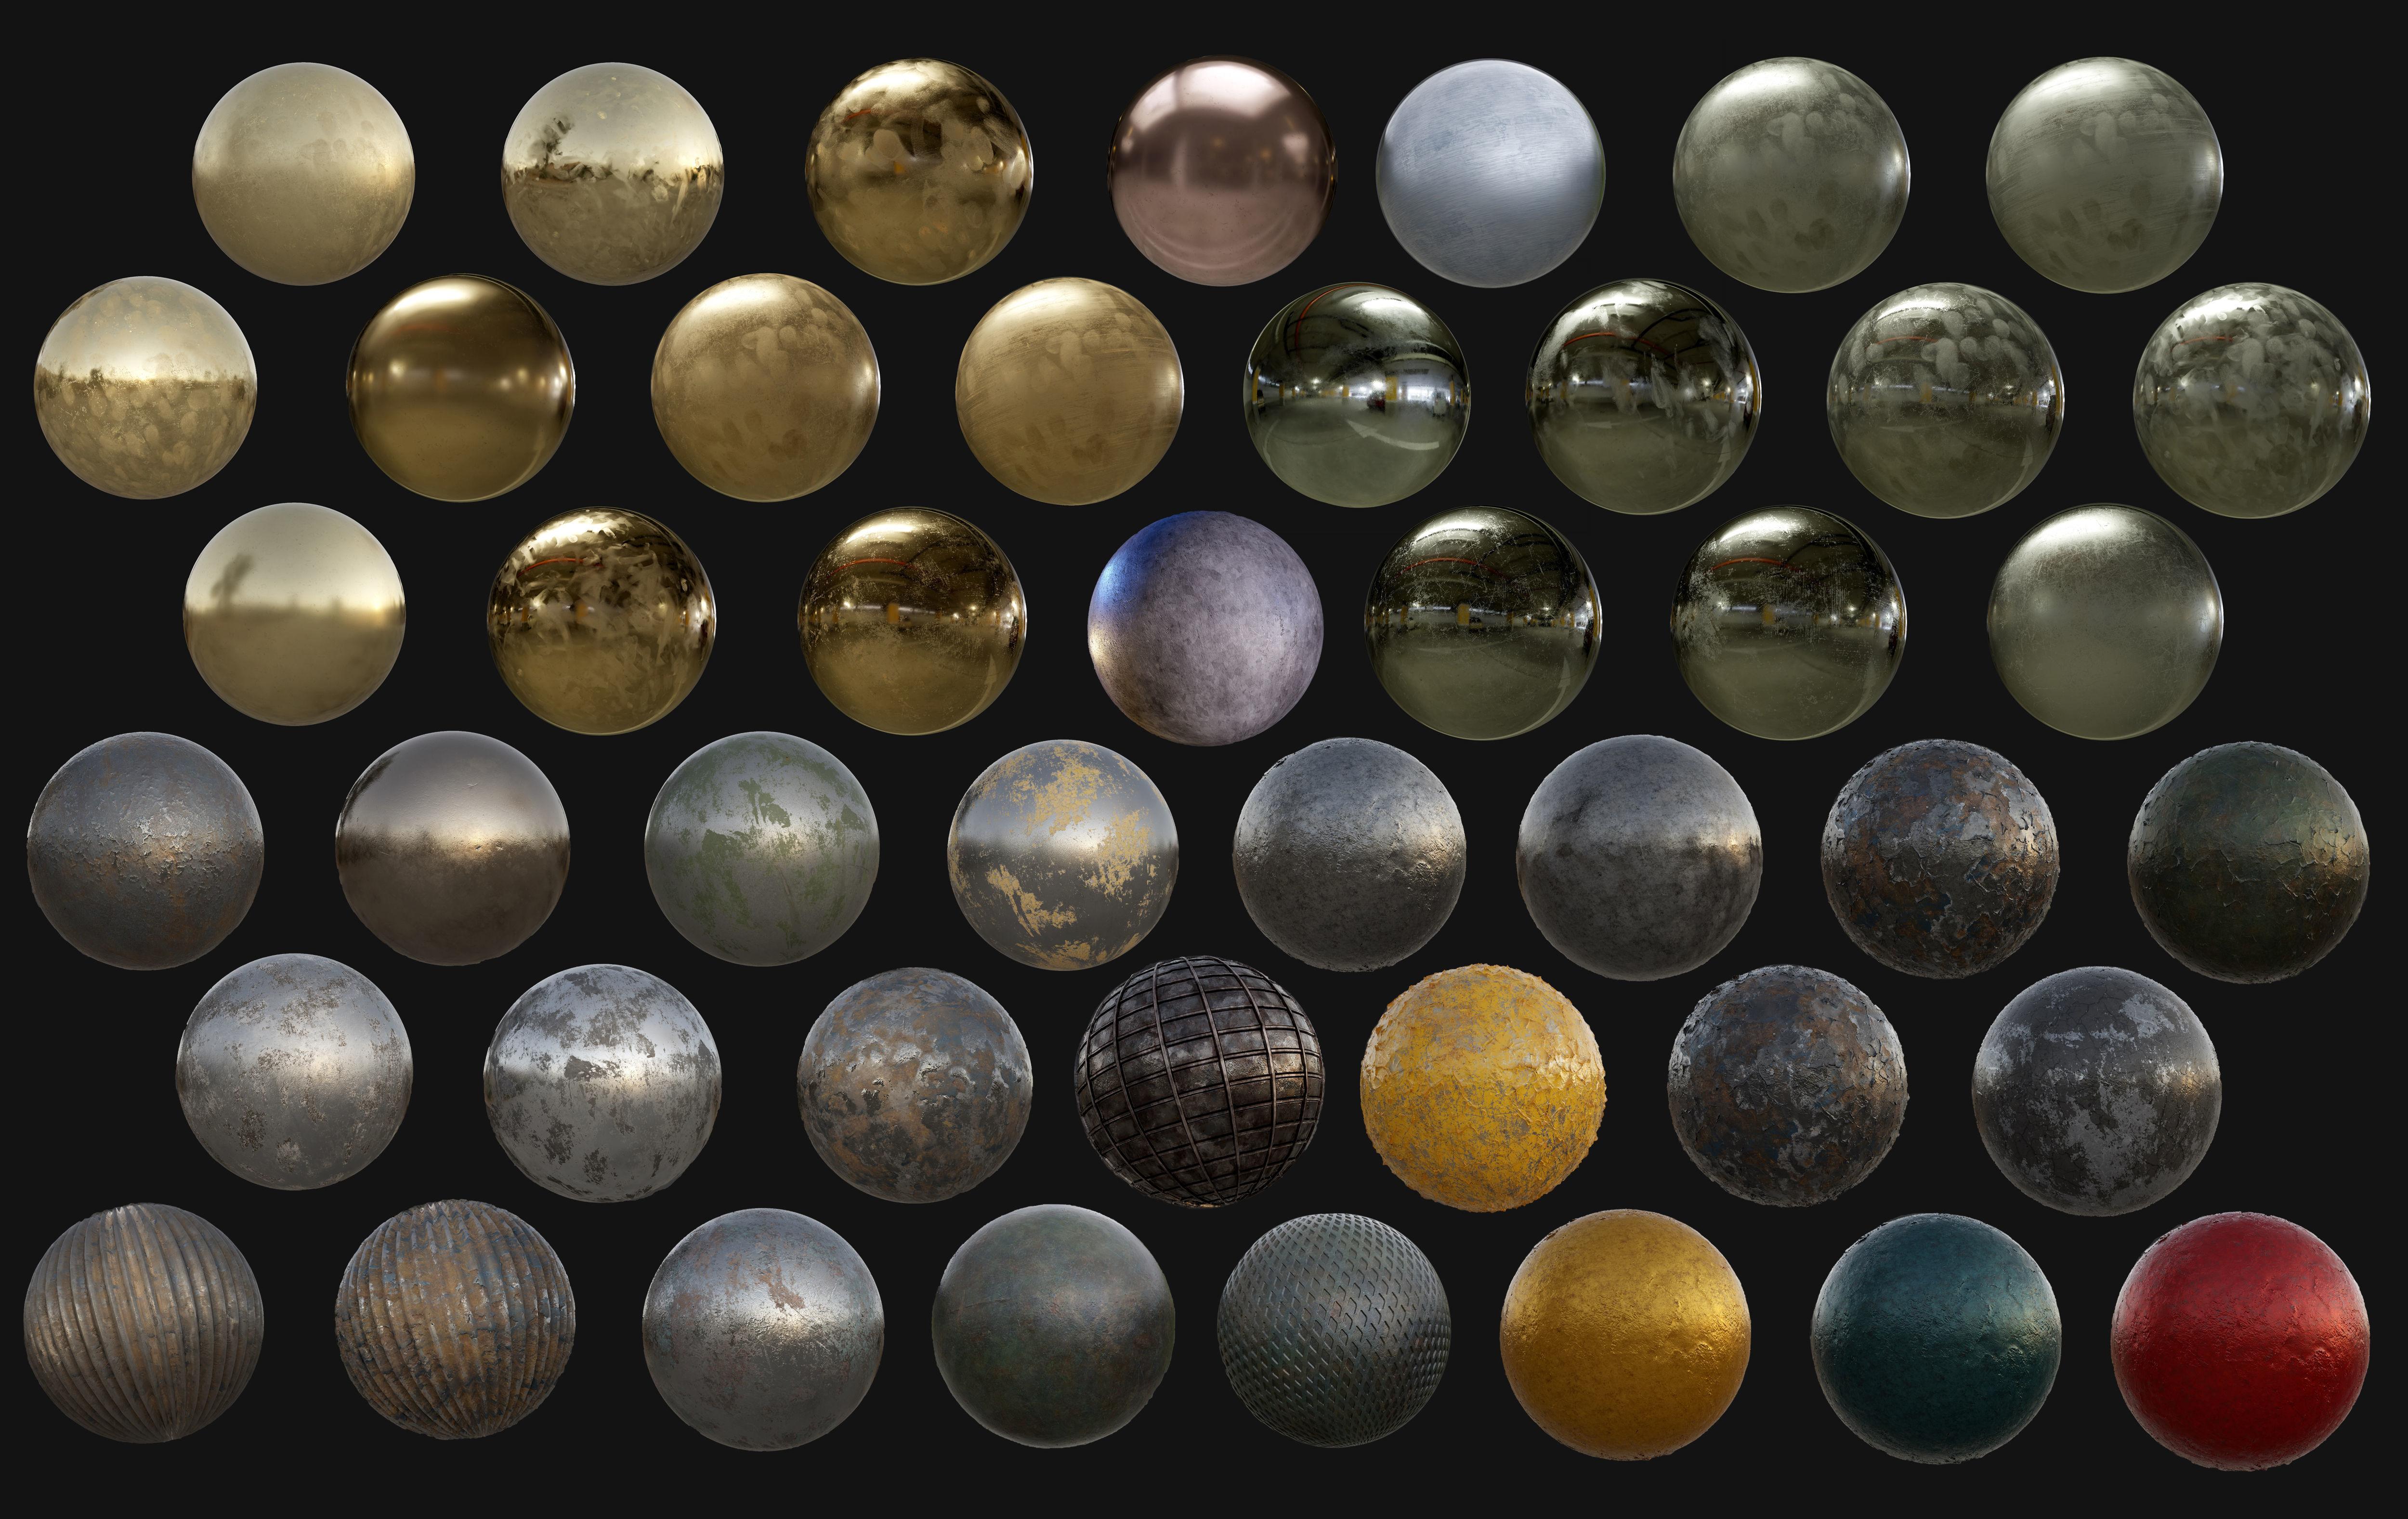 45 Metal Seamless PBR Textures